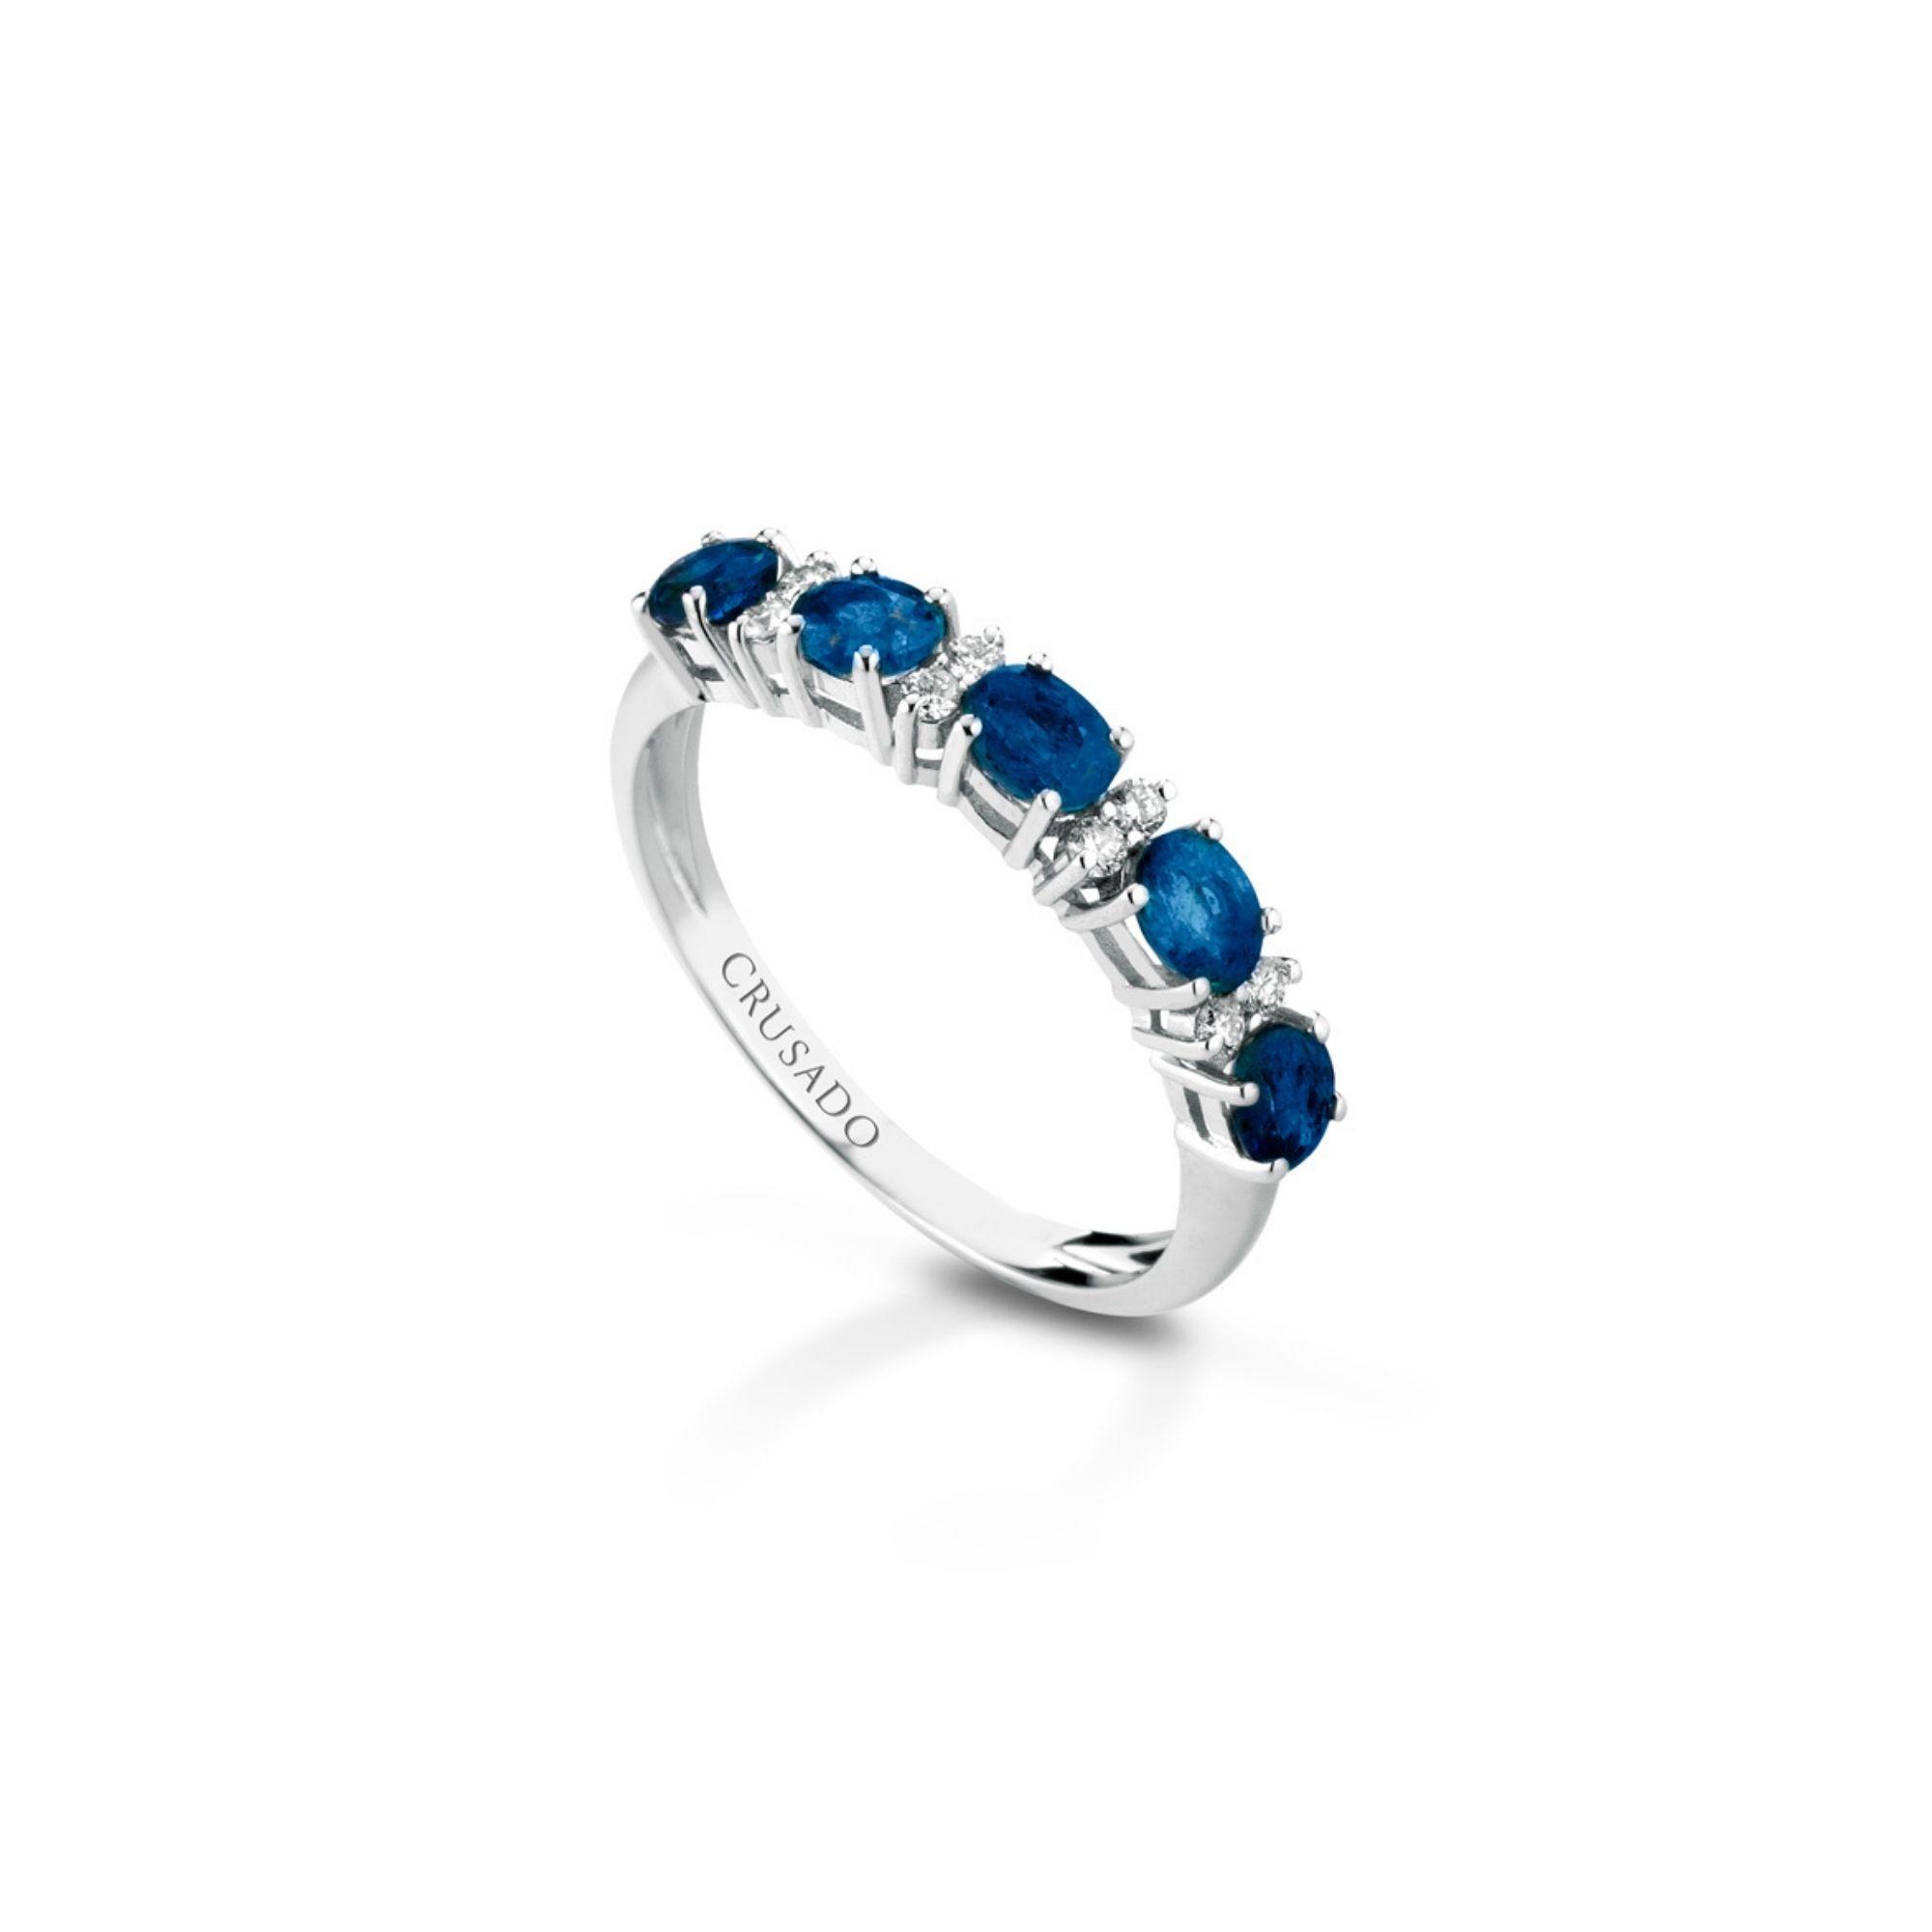 Anello con diamanti e zaffiri Ring with diamonds and sapphires sconto discount